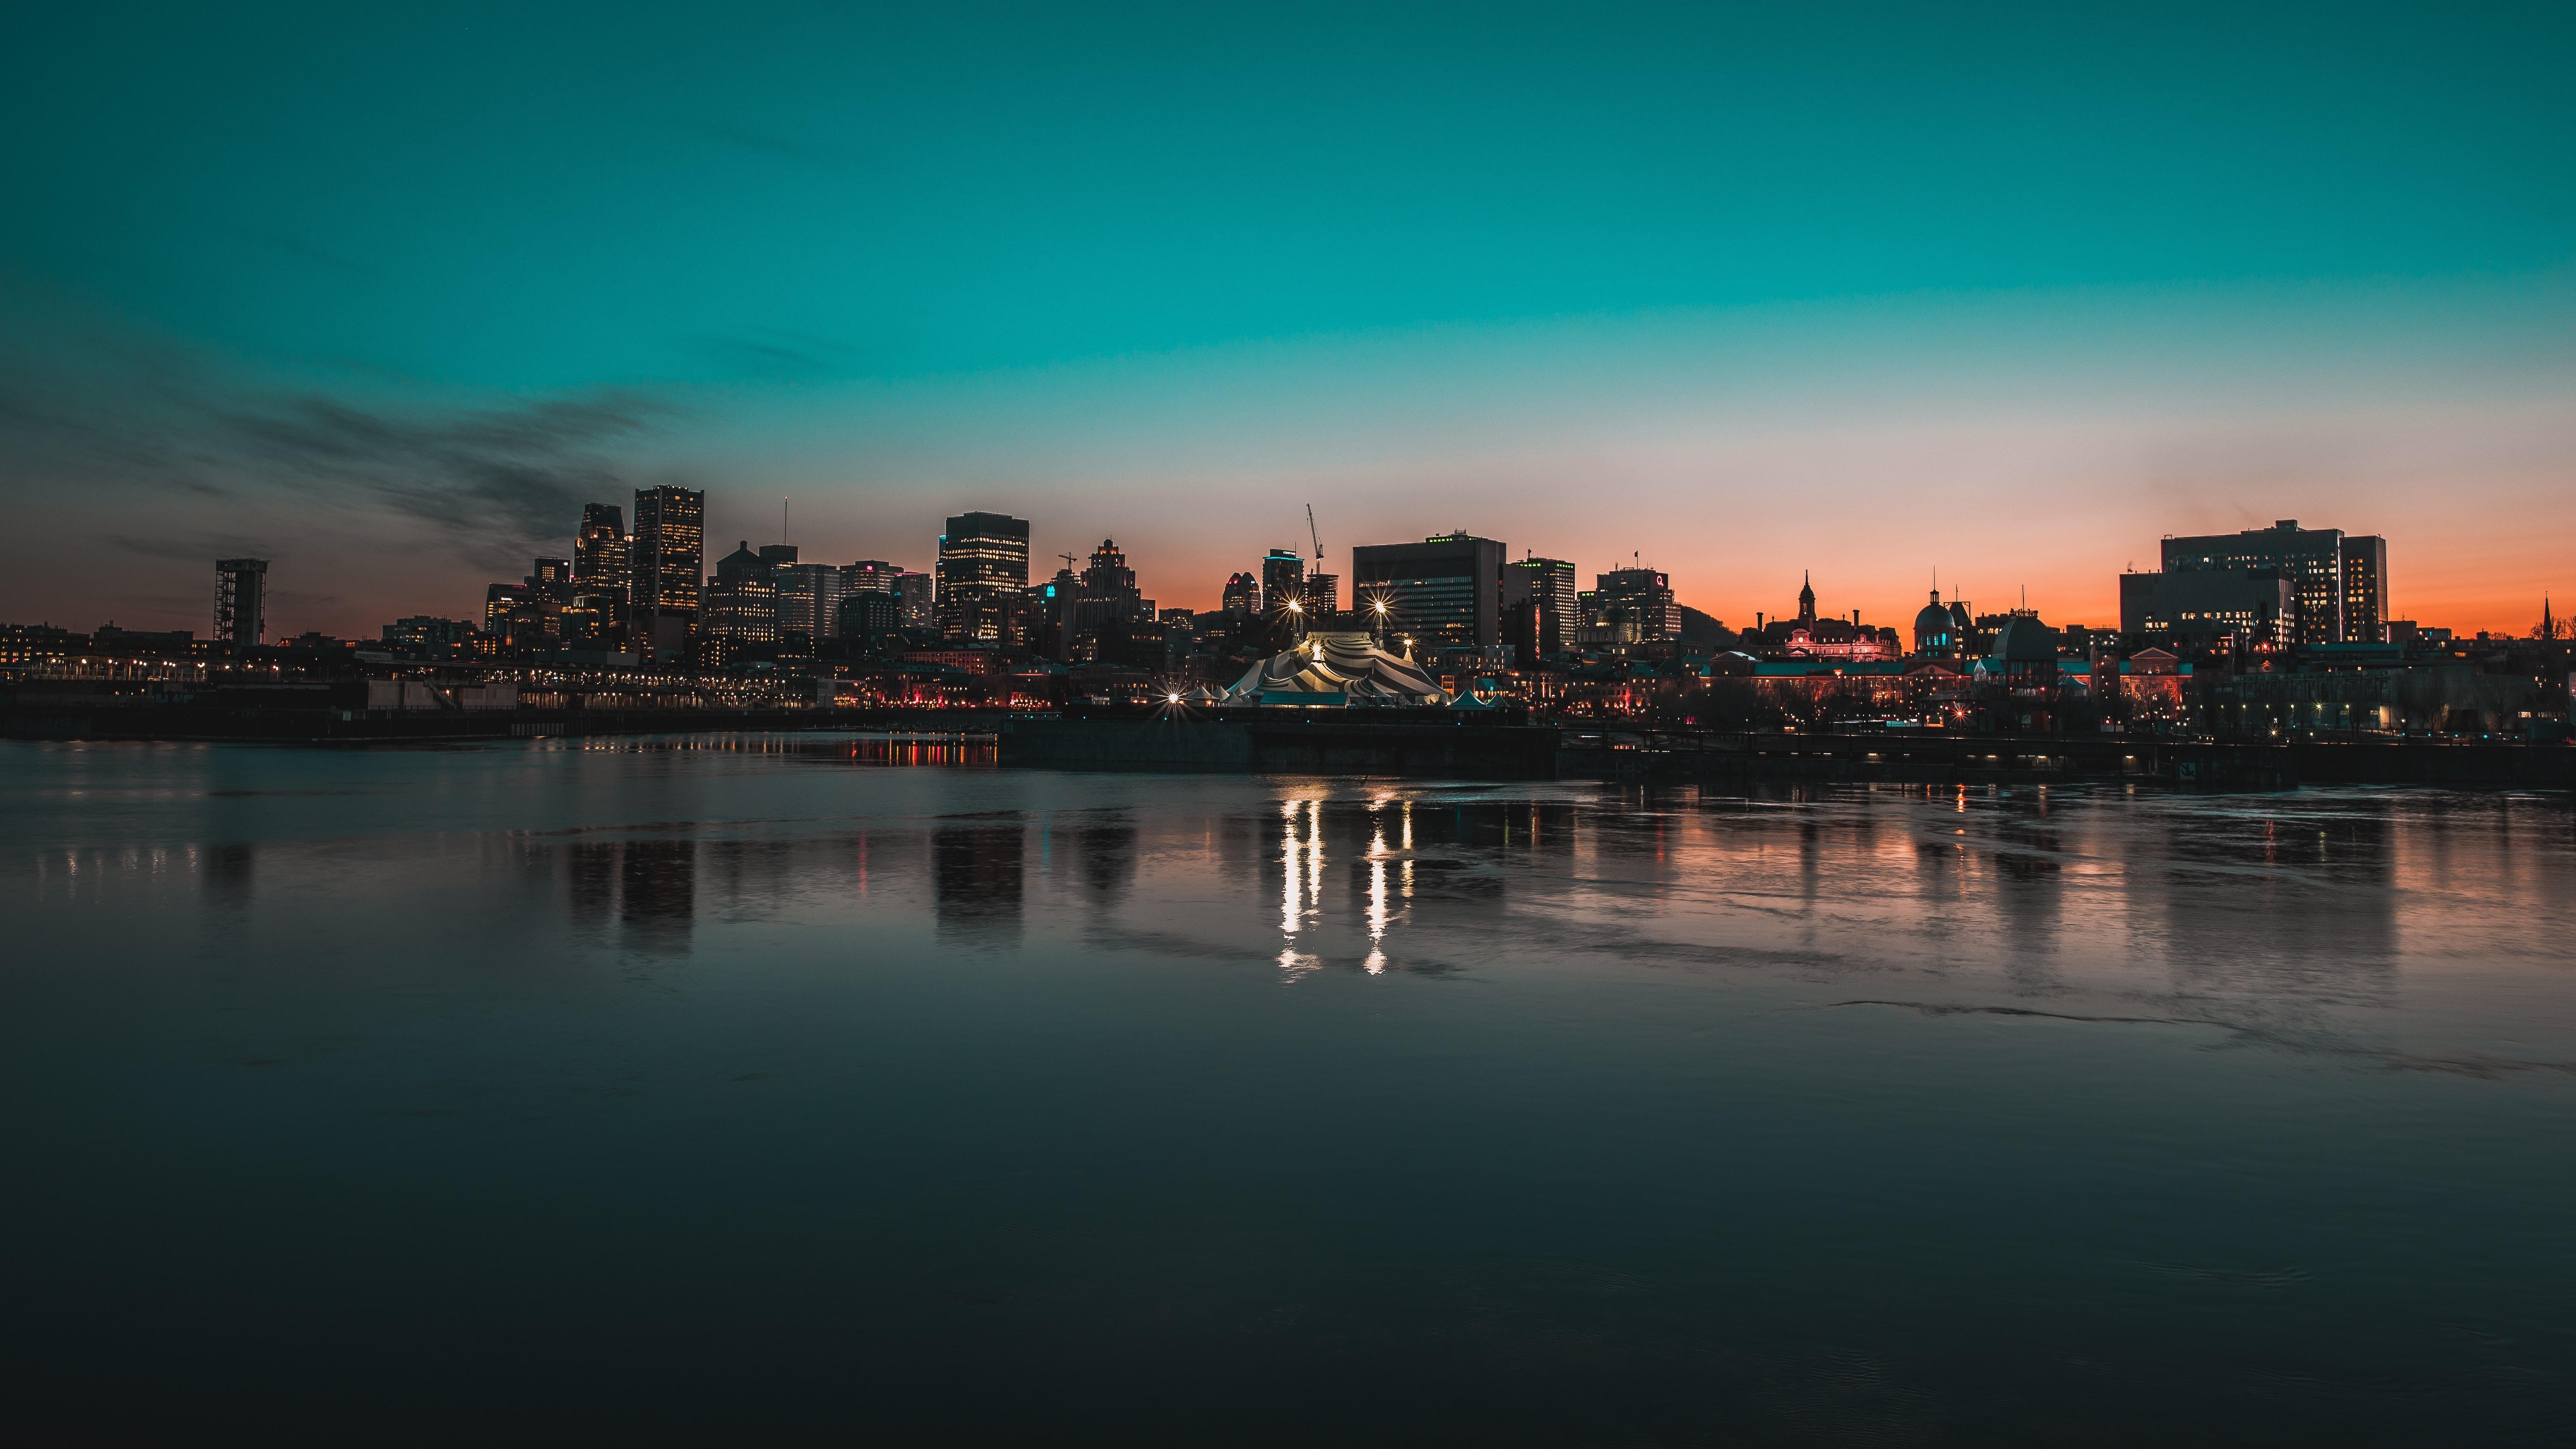 skyline cityscape photography